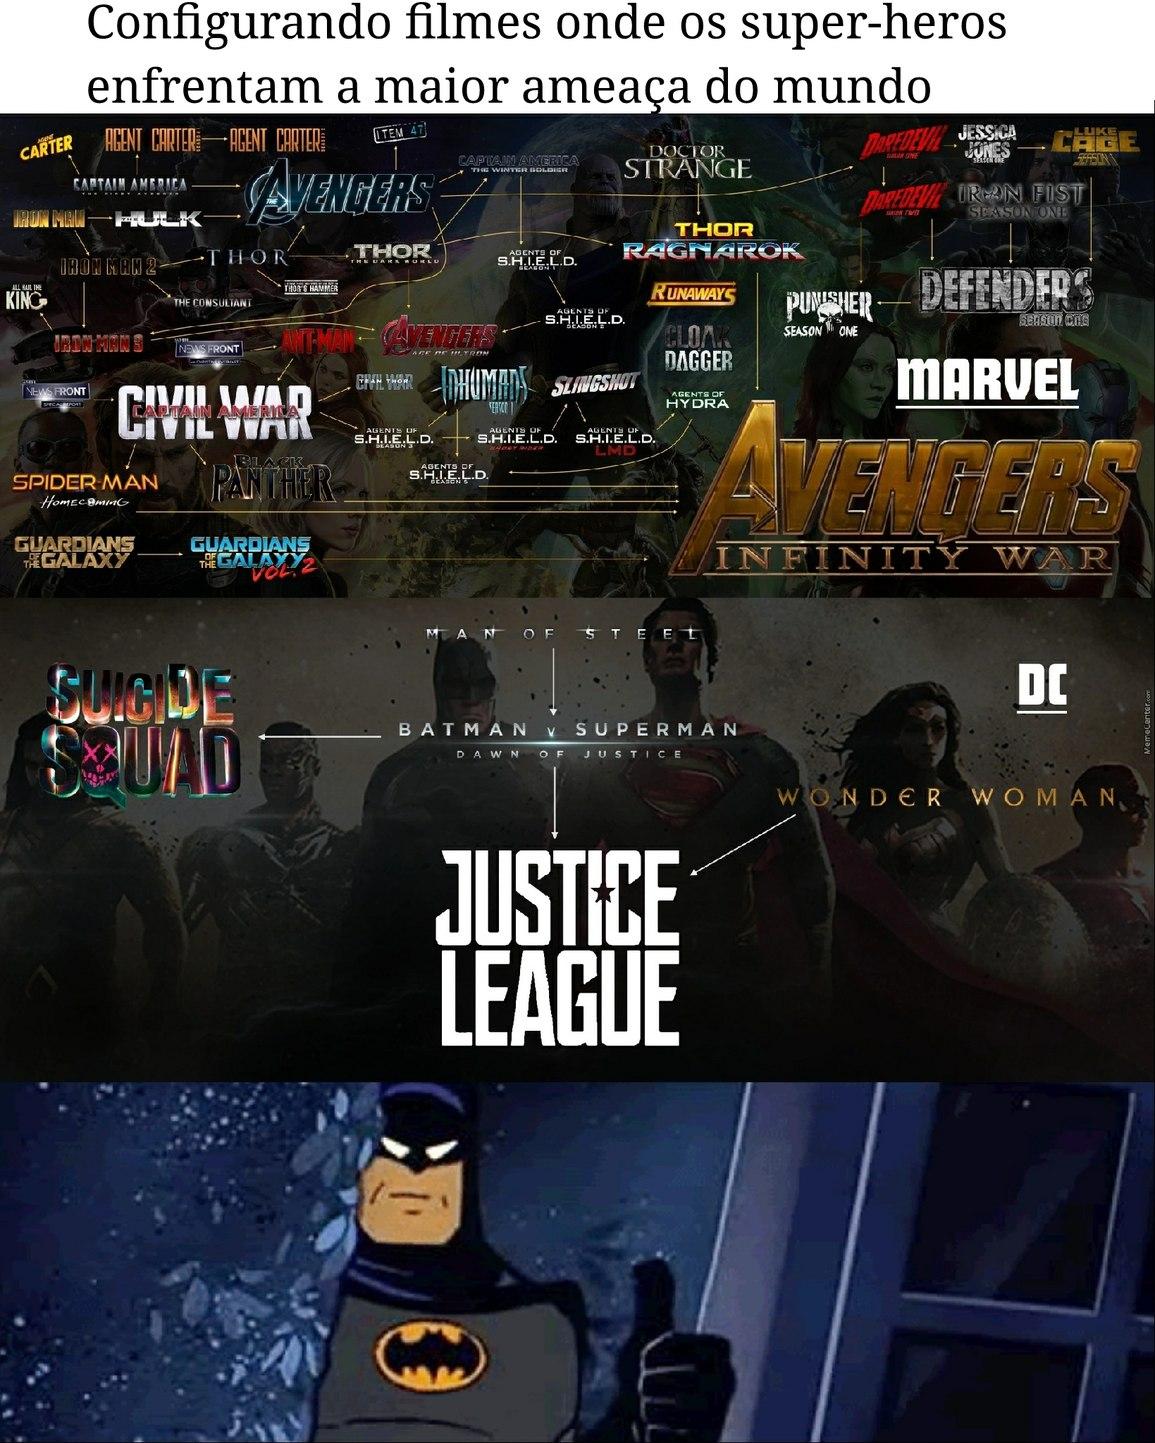 Batman aprova - meme